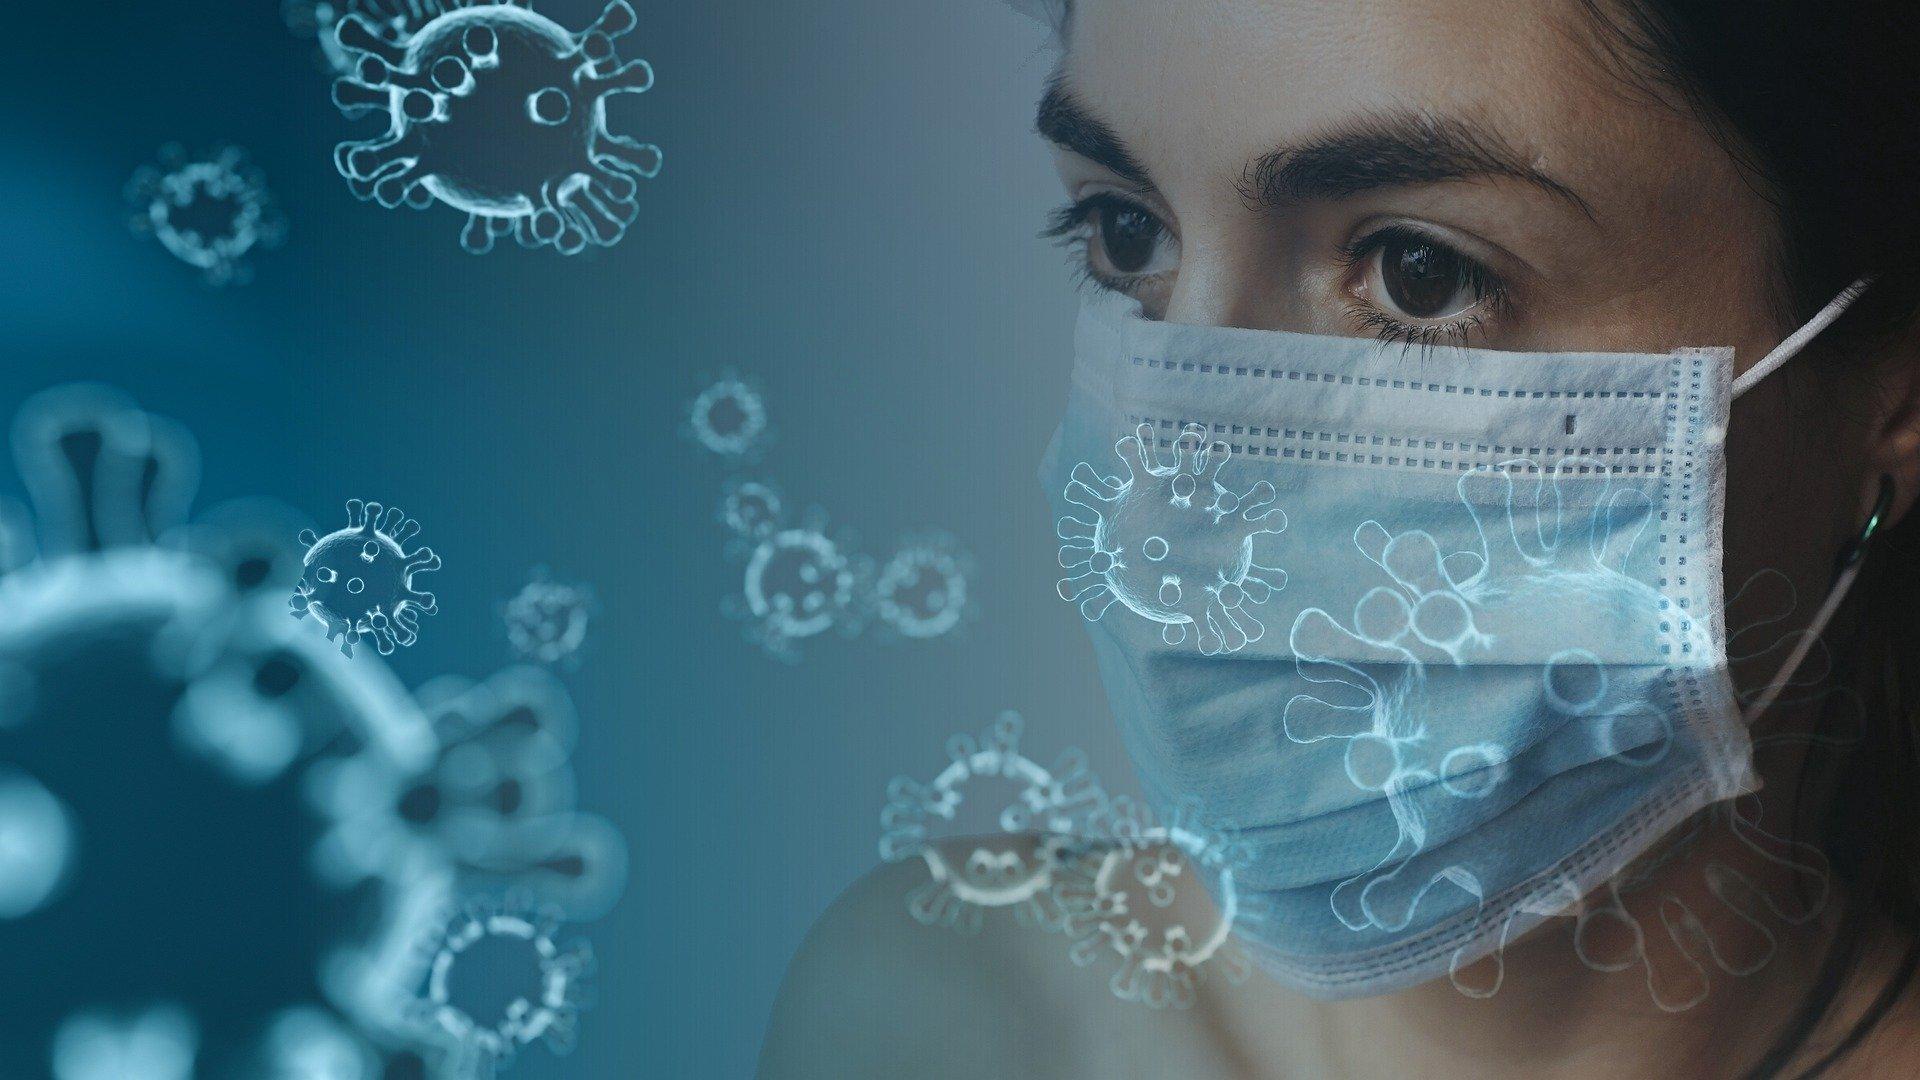 *** Warnung und Information des Corona-Krisenstabs und des Gesundheitsamtes der Stadt Remscheid: Wiedereinführung der Maskenpflicht bis zu den Herbstferien !! ***